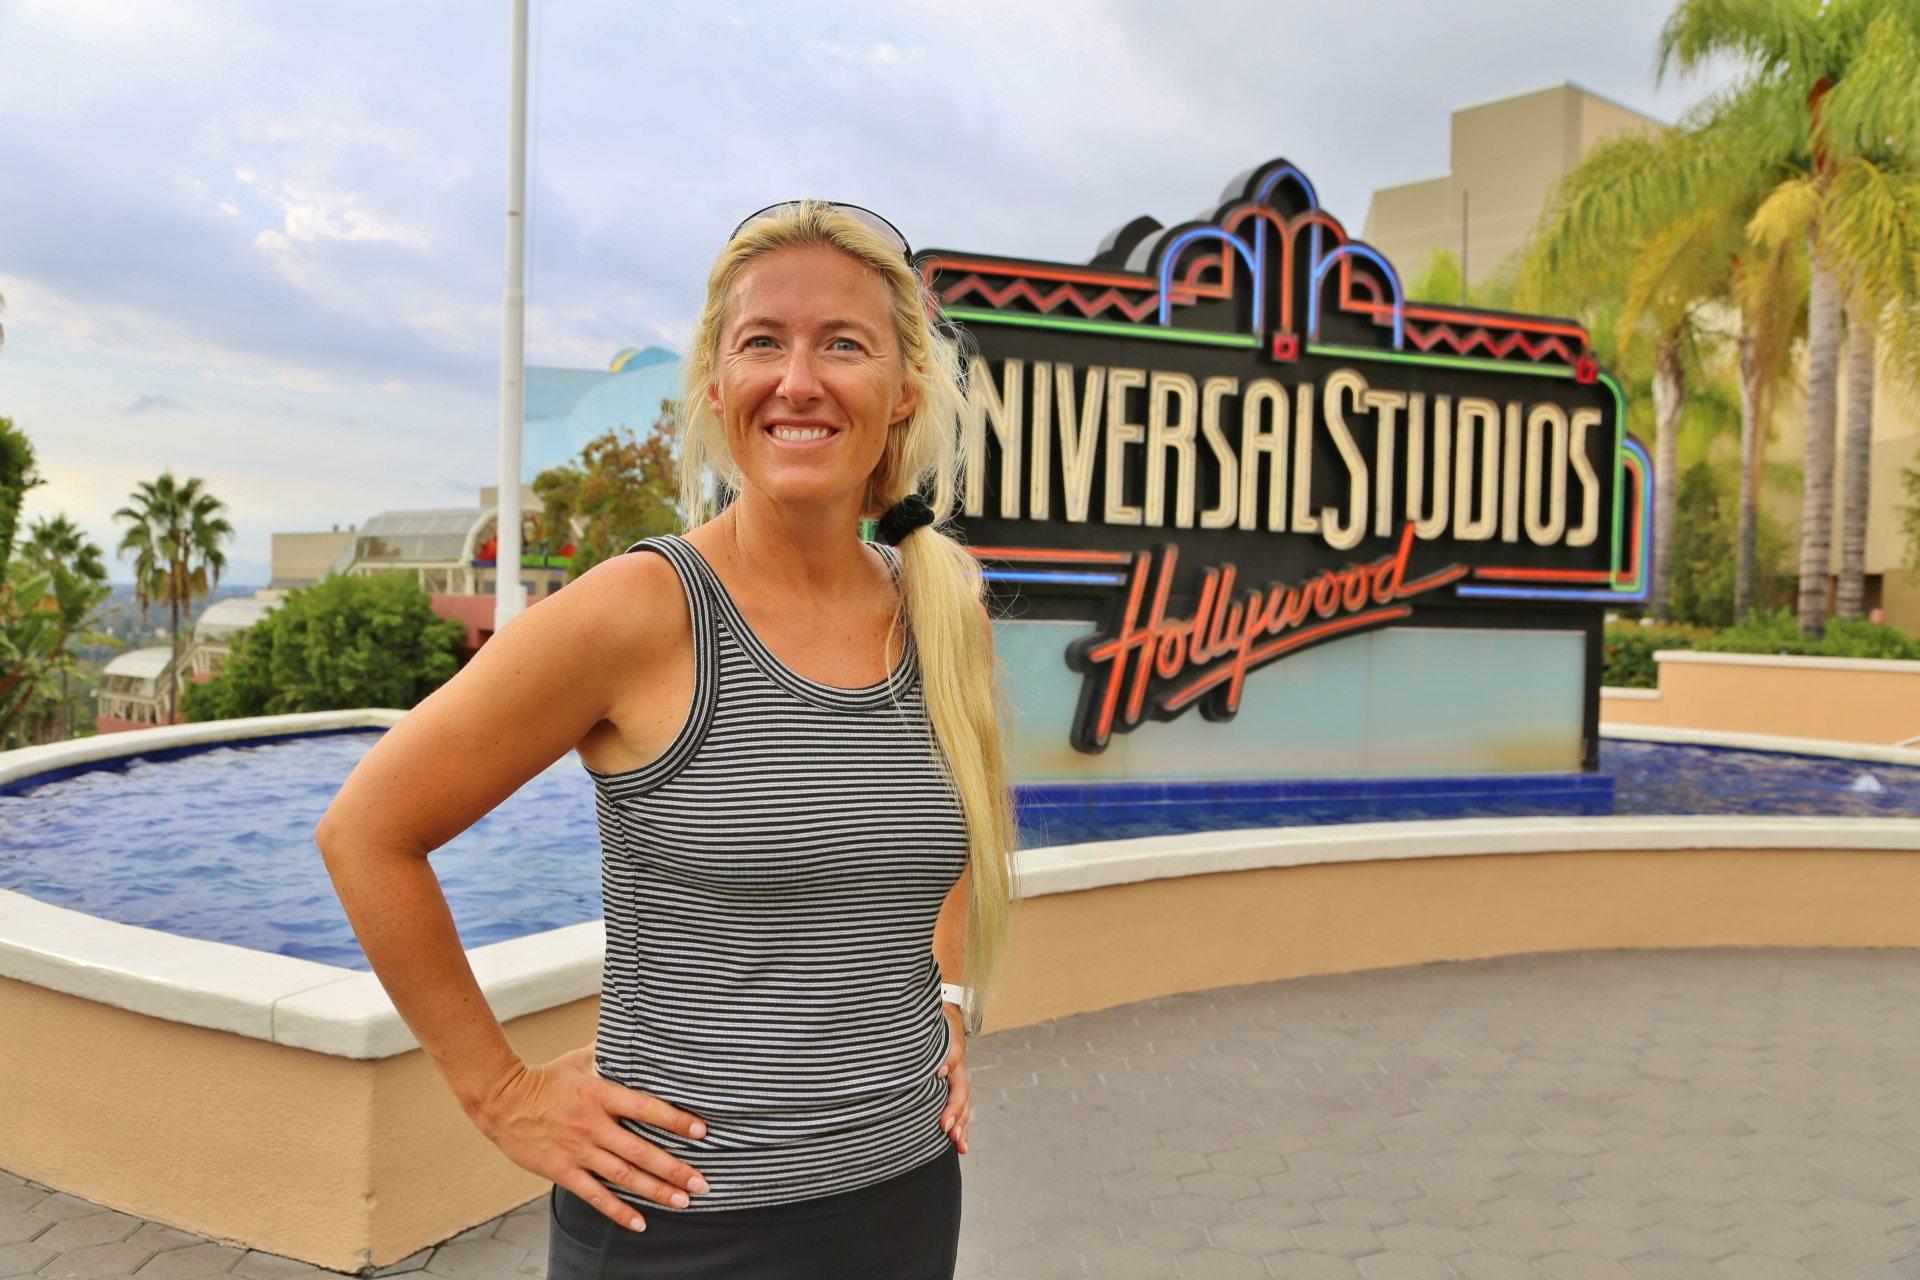 Dieses Lächeln ist universell einsetzbar - Blondine, Eingangsschild, Himmel, Hollywood, Kalifornien, Los Angeles, Neonschild, Personen, Portrait, Porträt, Schild, Tafel, Universal City, Universal Studios, Universal Studios Hollywood, Welcome-Schild, Werbeschild, Wolken - HOFBAUER-HOFMANN Sofia - (Universal City, California, Vereinigte Staaten)